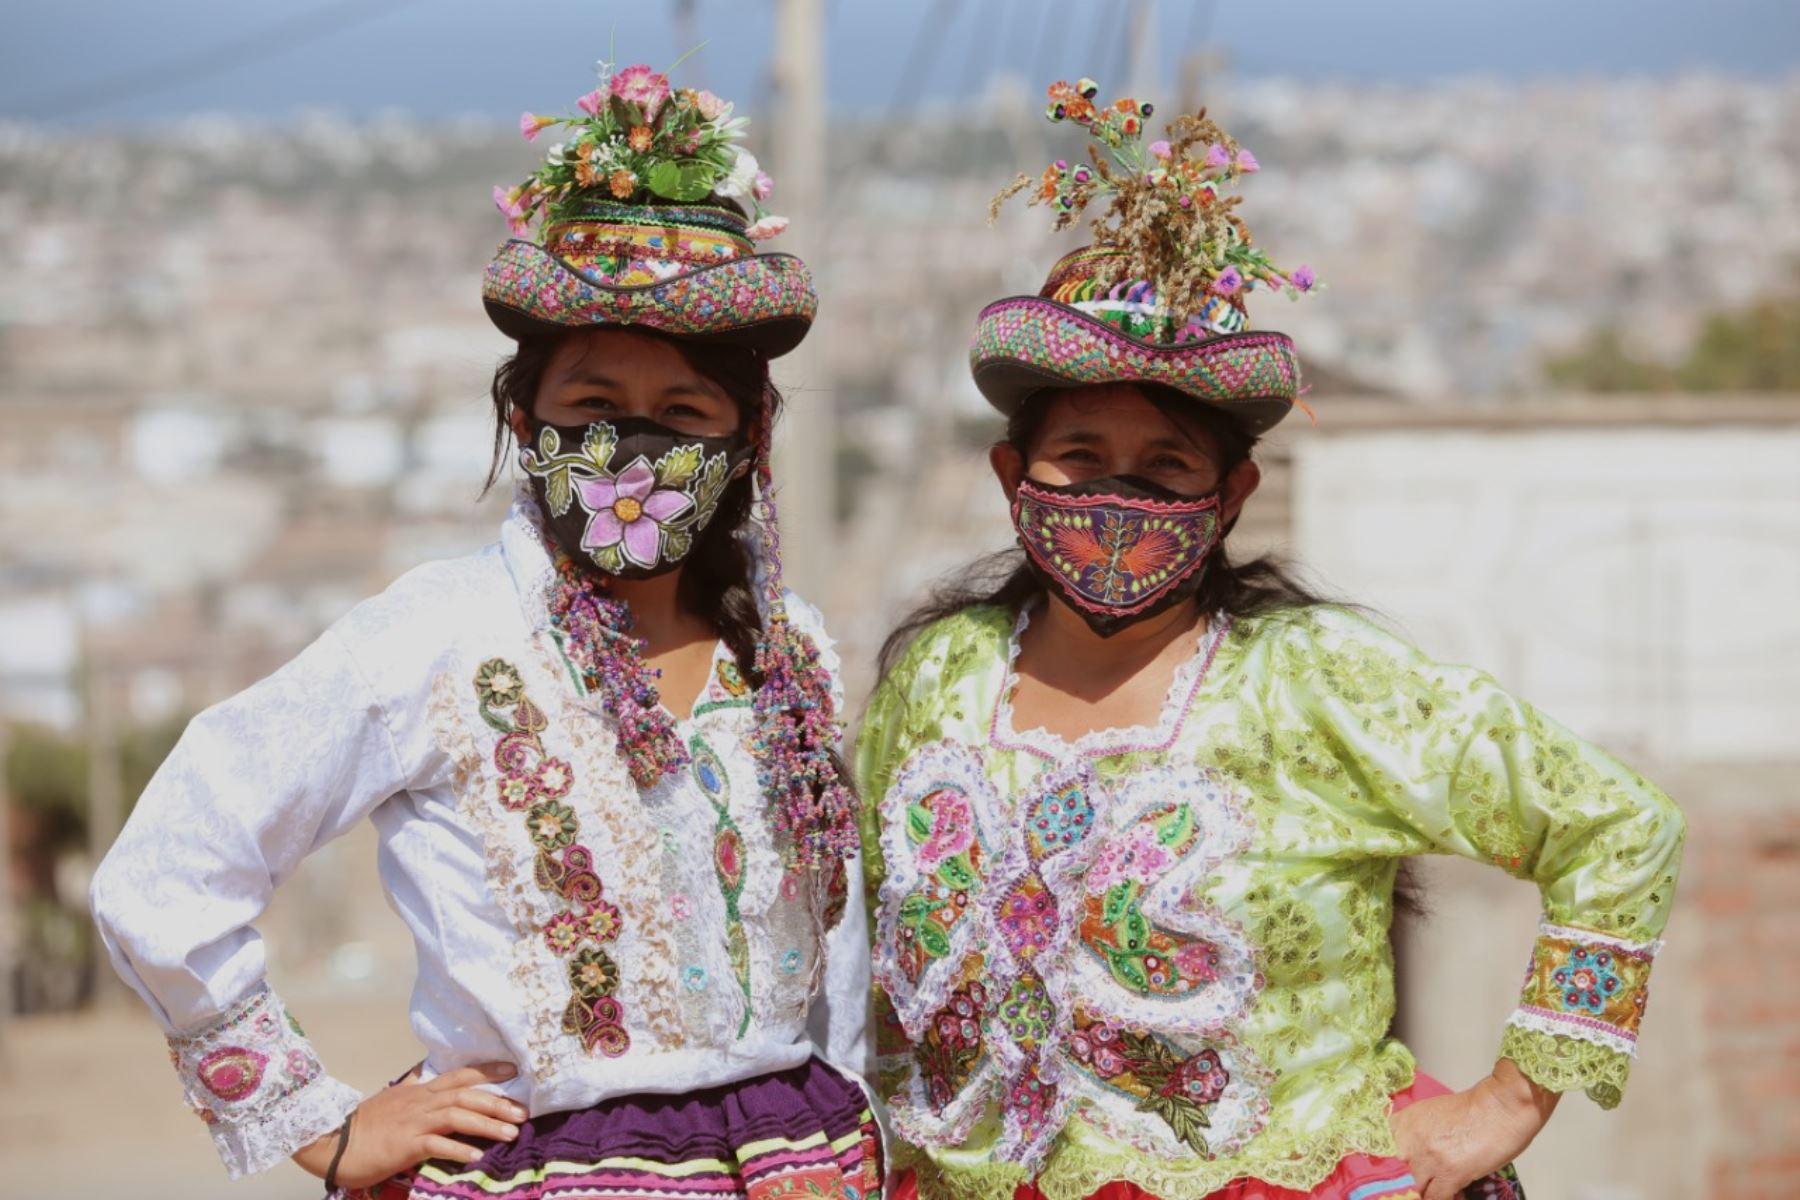 Las artistas ayacuchanas Gudencia Yupari Quispe y su hija Violeta confeccionan mascarillas inspiradas en el arte Sarhua que heredaron de familia. Foto: Cortesía/Cesar García